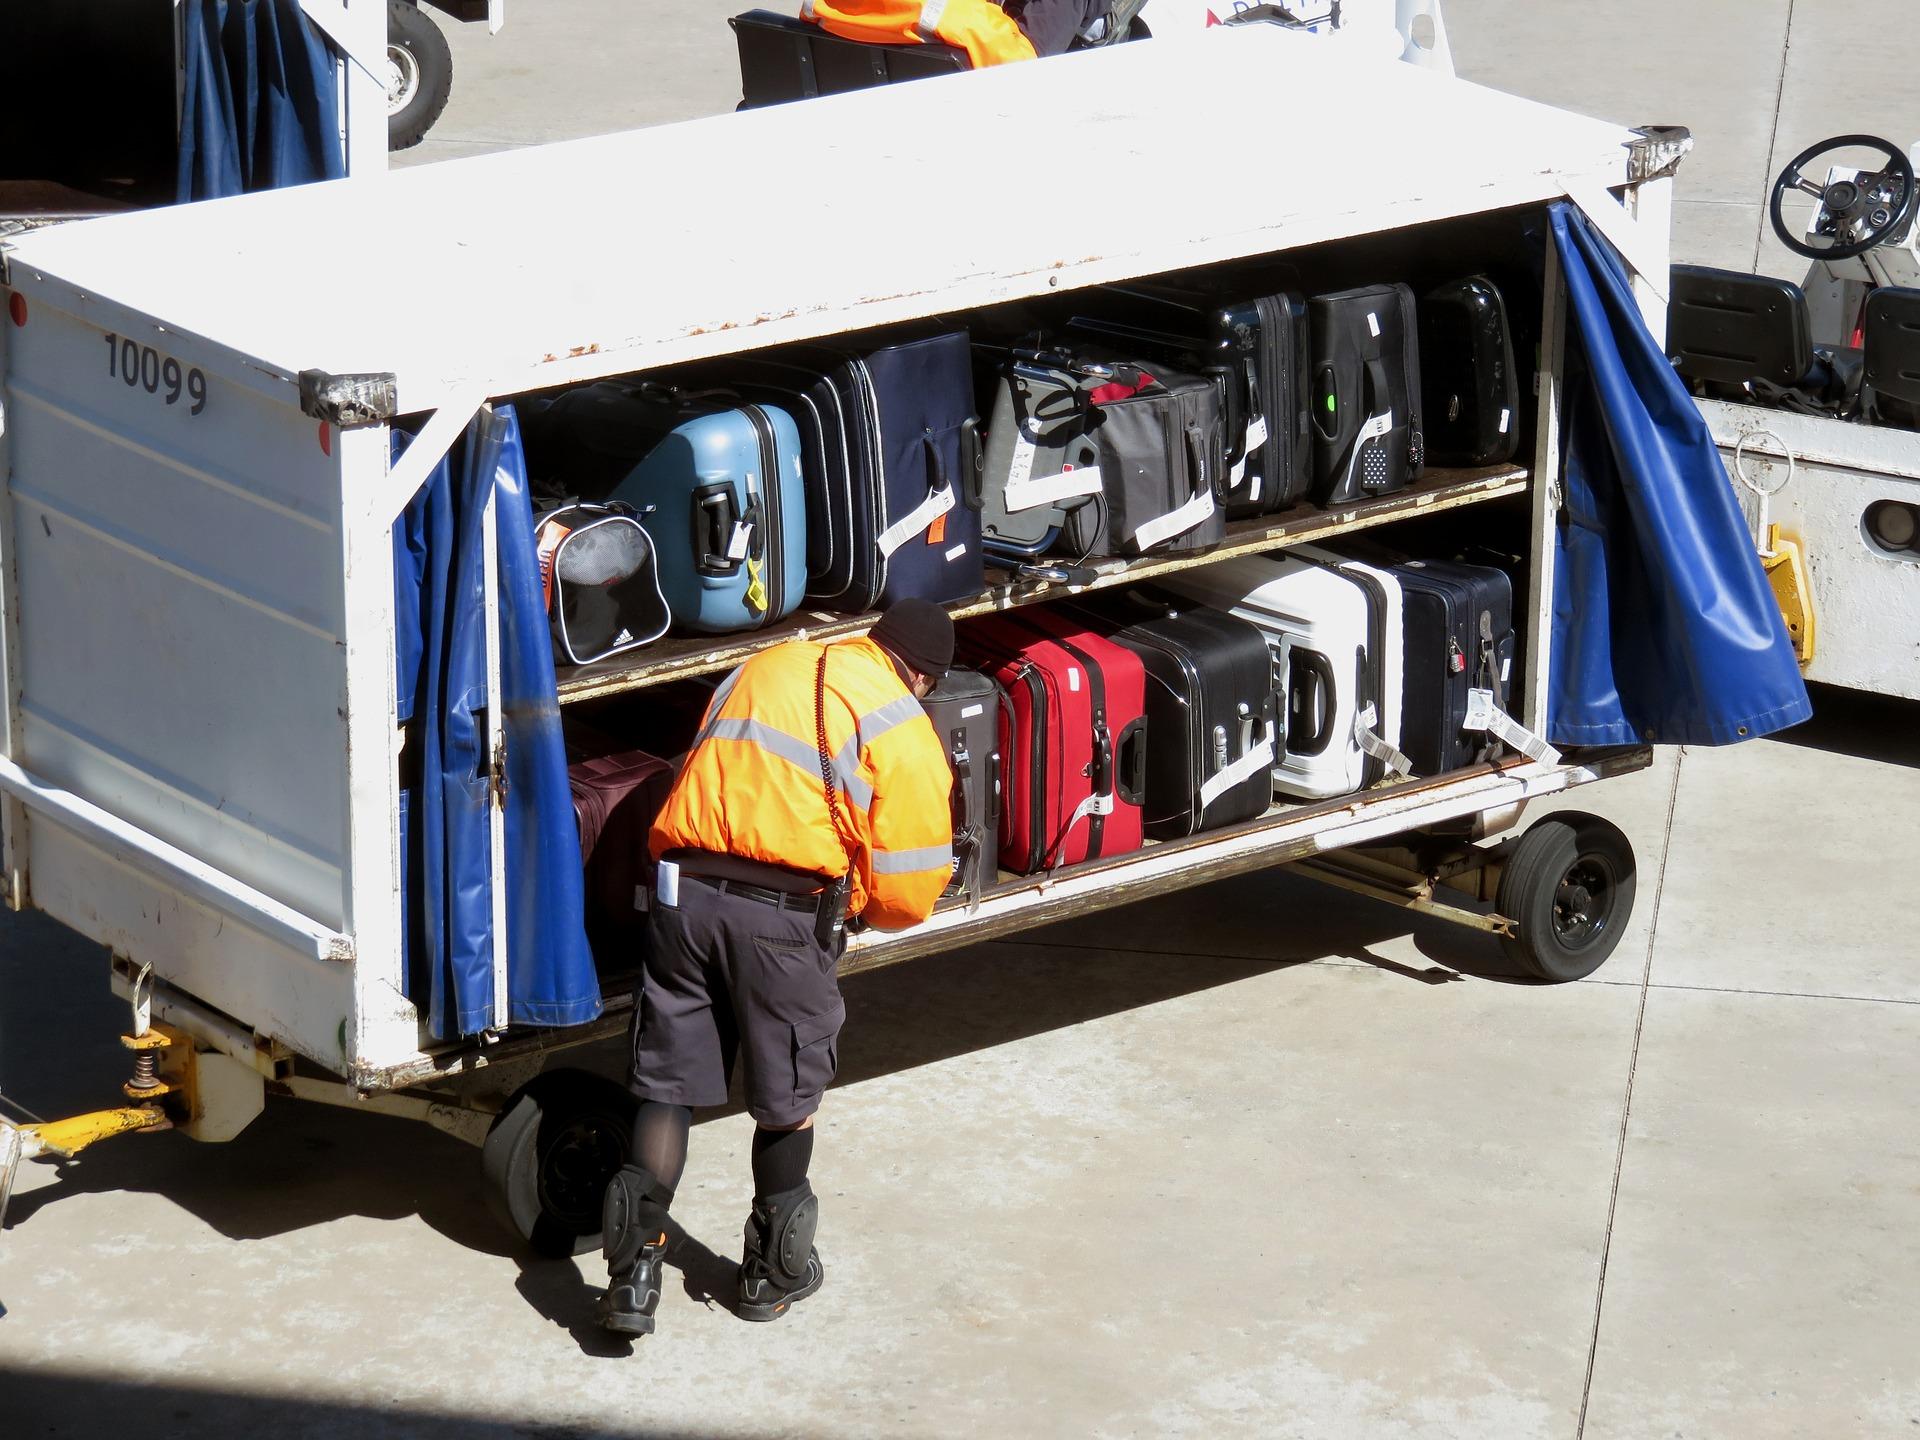 בדיקת מזוודות בשדה תעופה